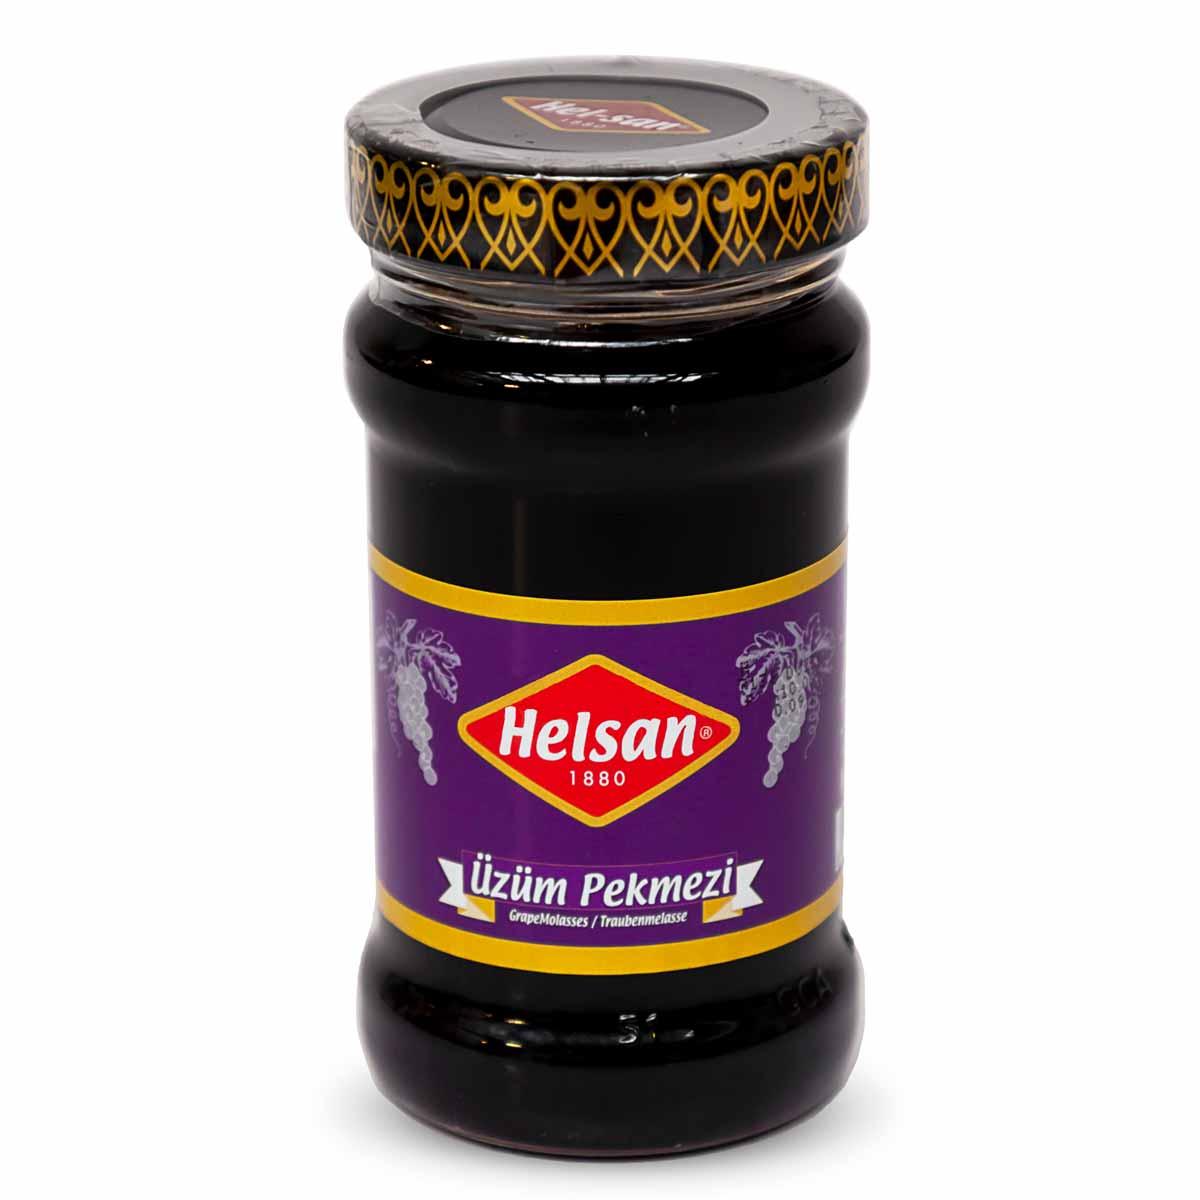 HEL-SAN ~ Trauben-Sirup ~ üzüm pekmezi